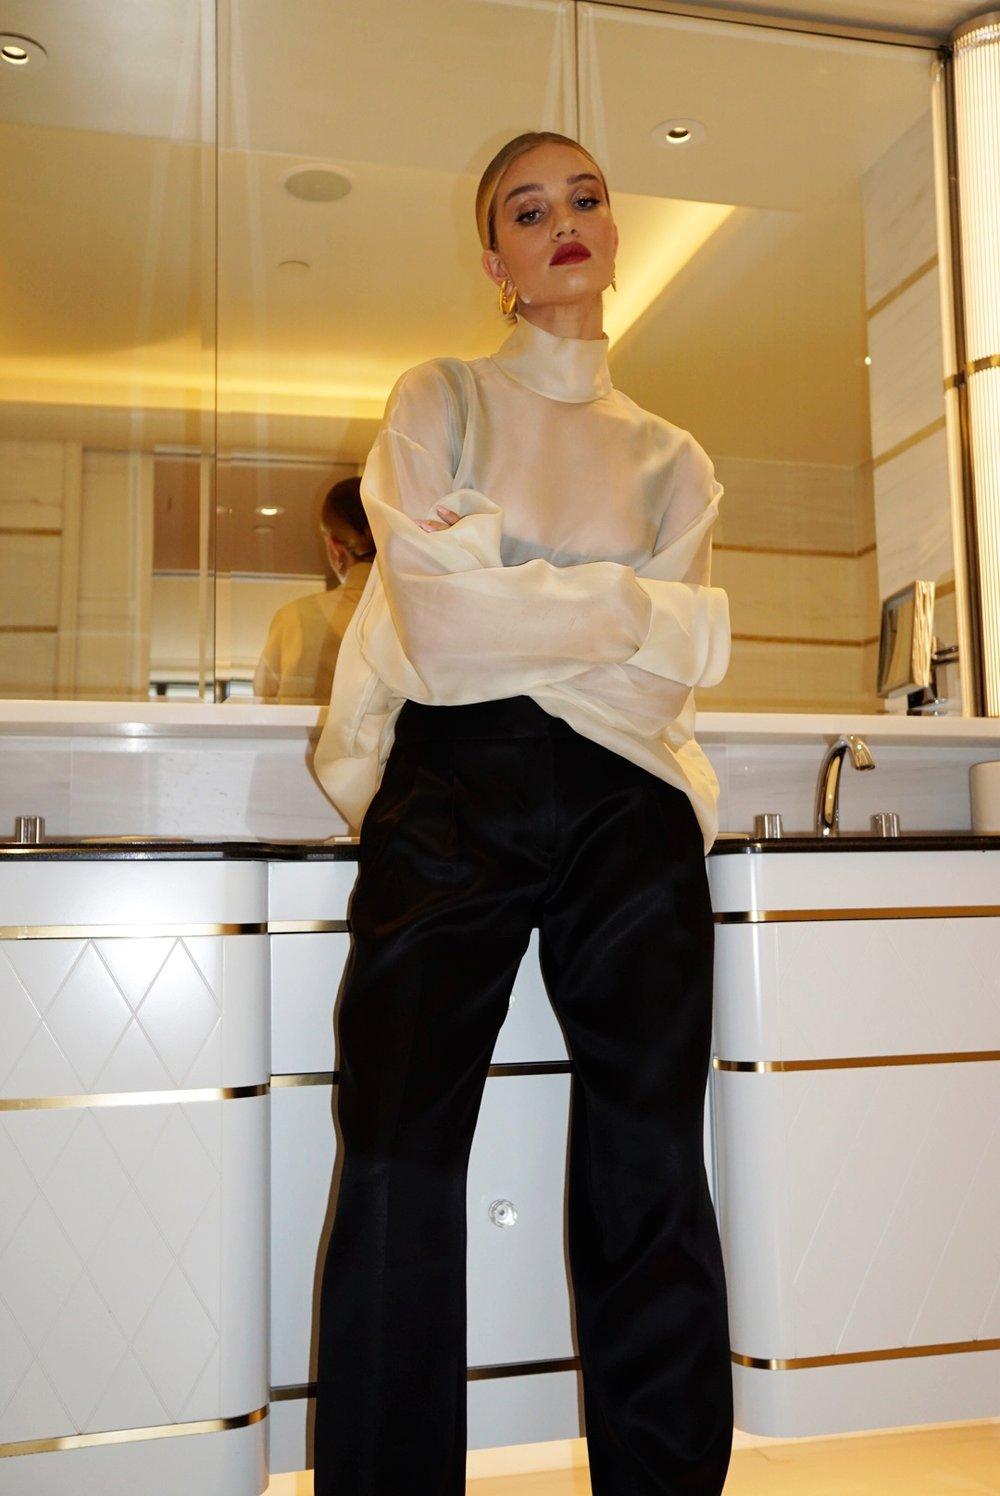 Rosie BareMinerals Makeup by Nikki DeRoest